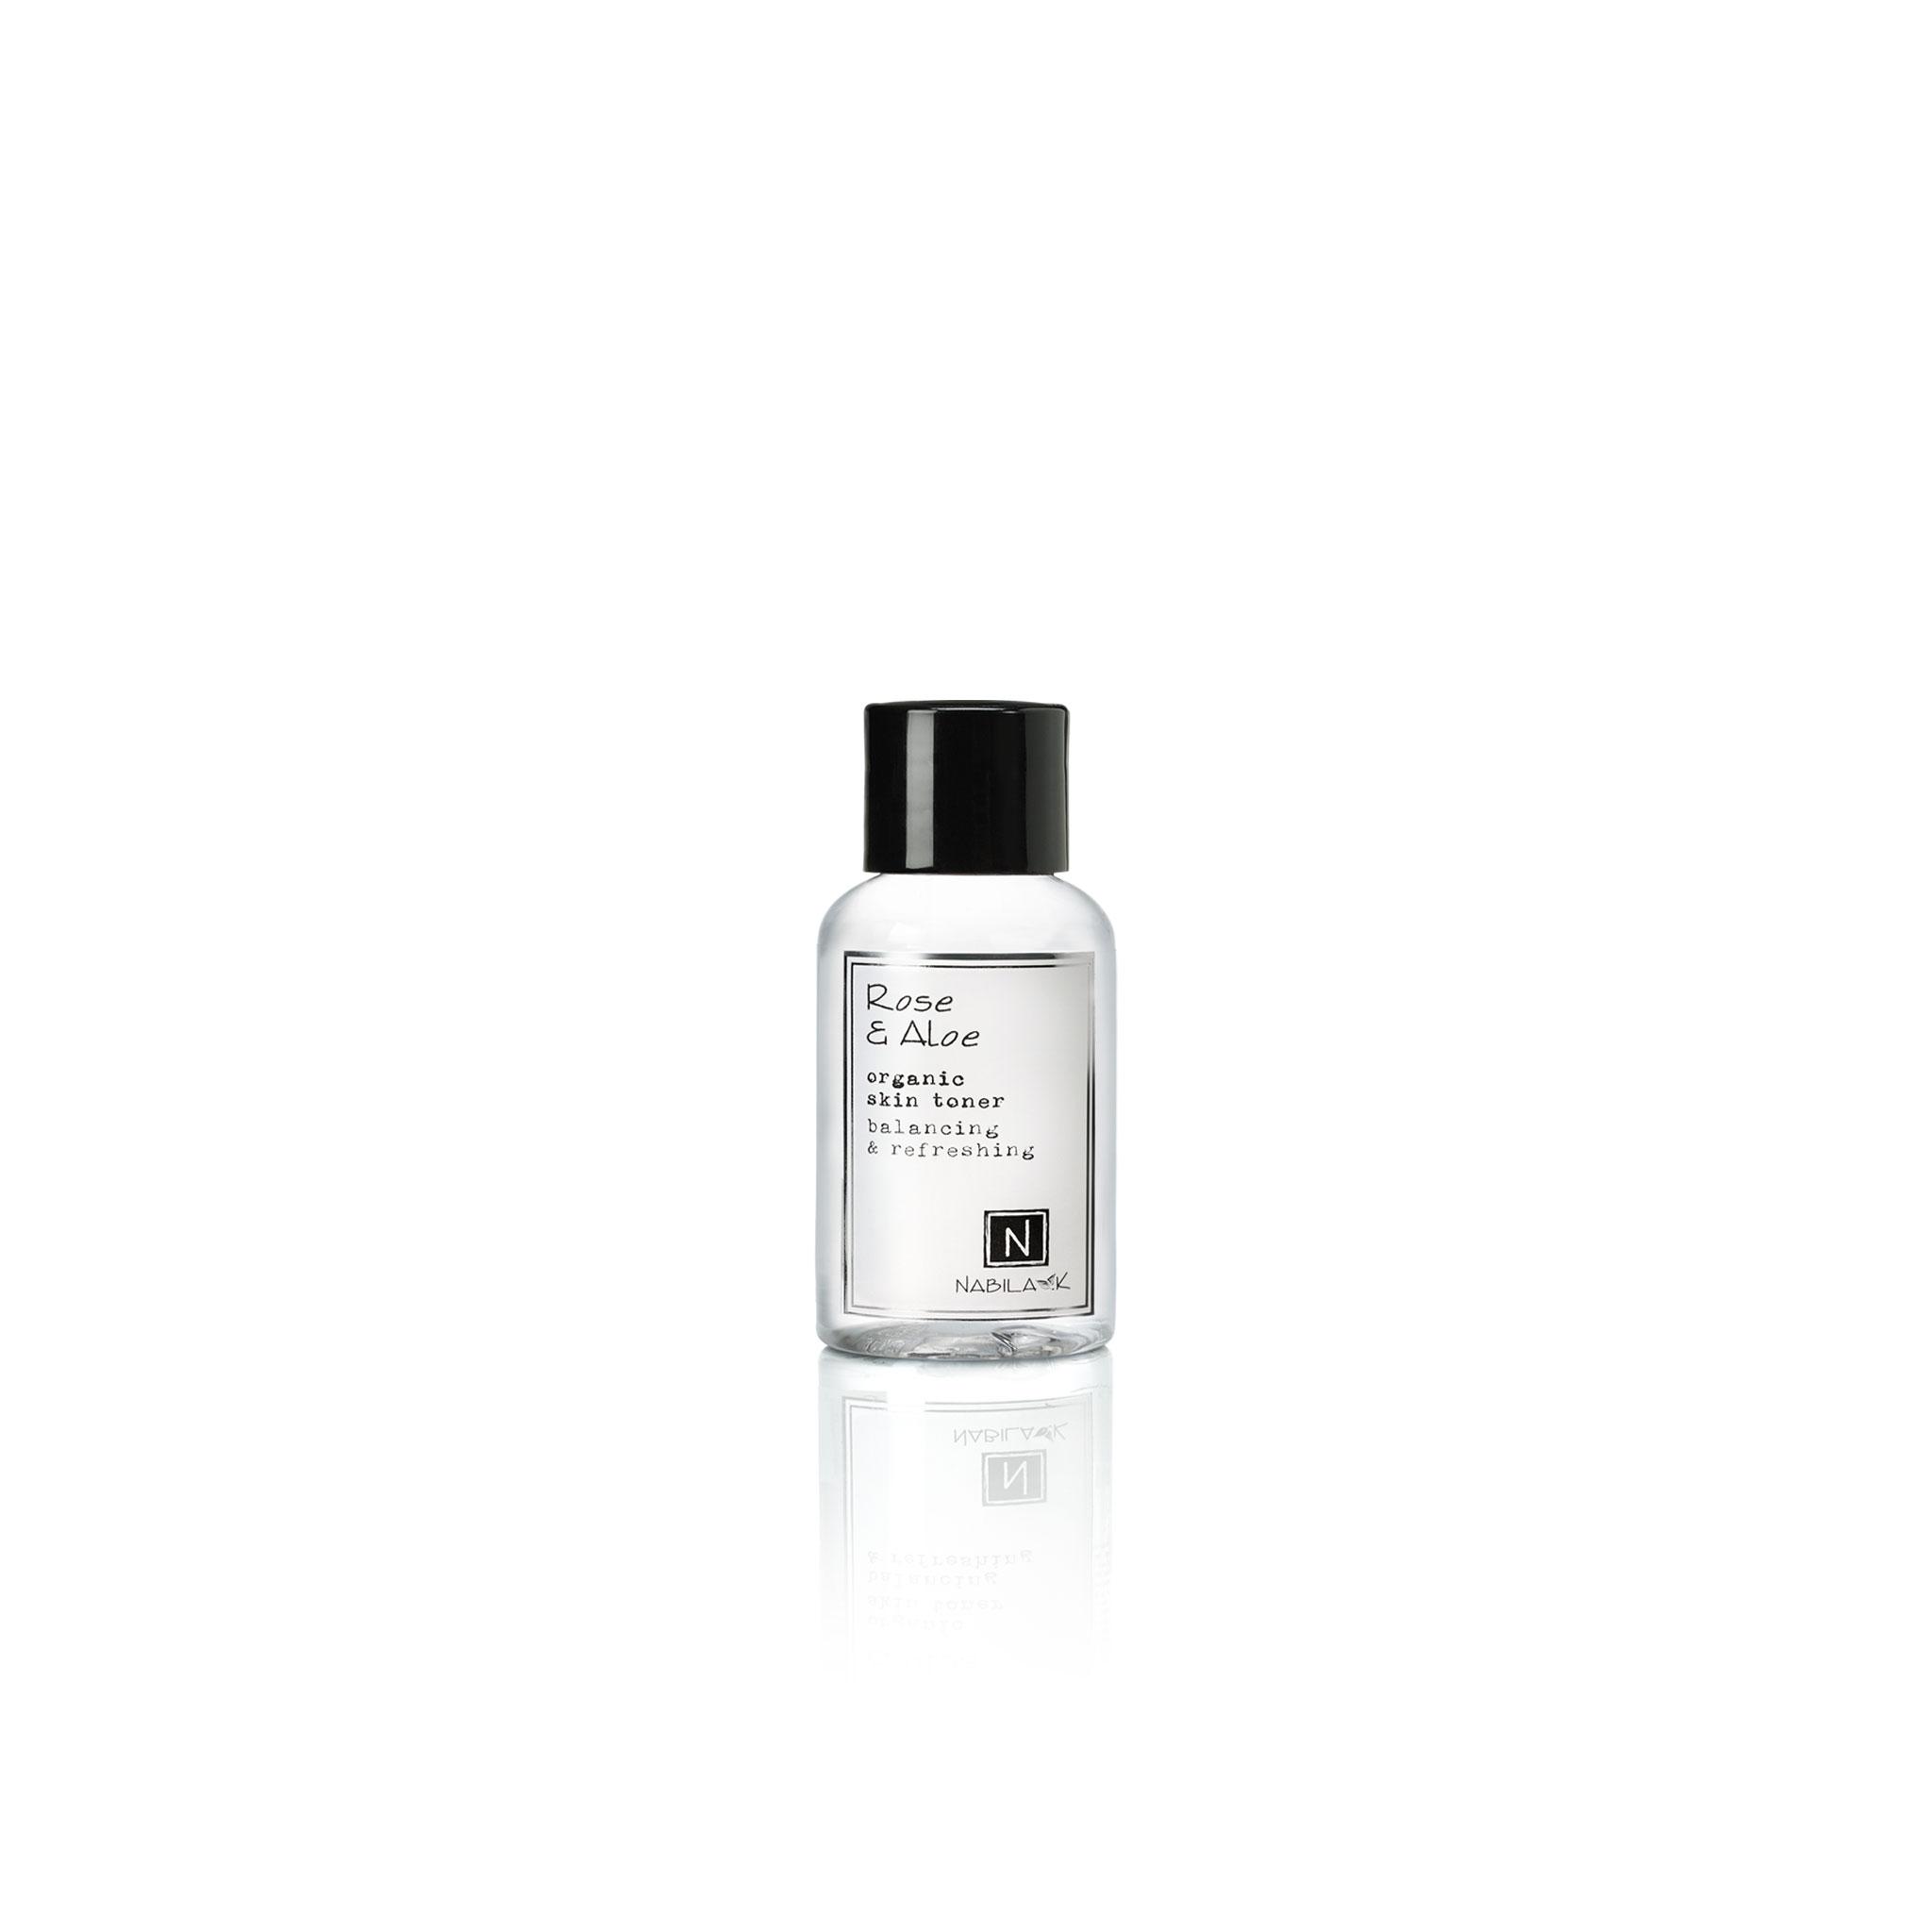 2.4oz Rose and Aloe Organix Skin Toner Balancing and Refreshing